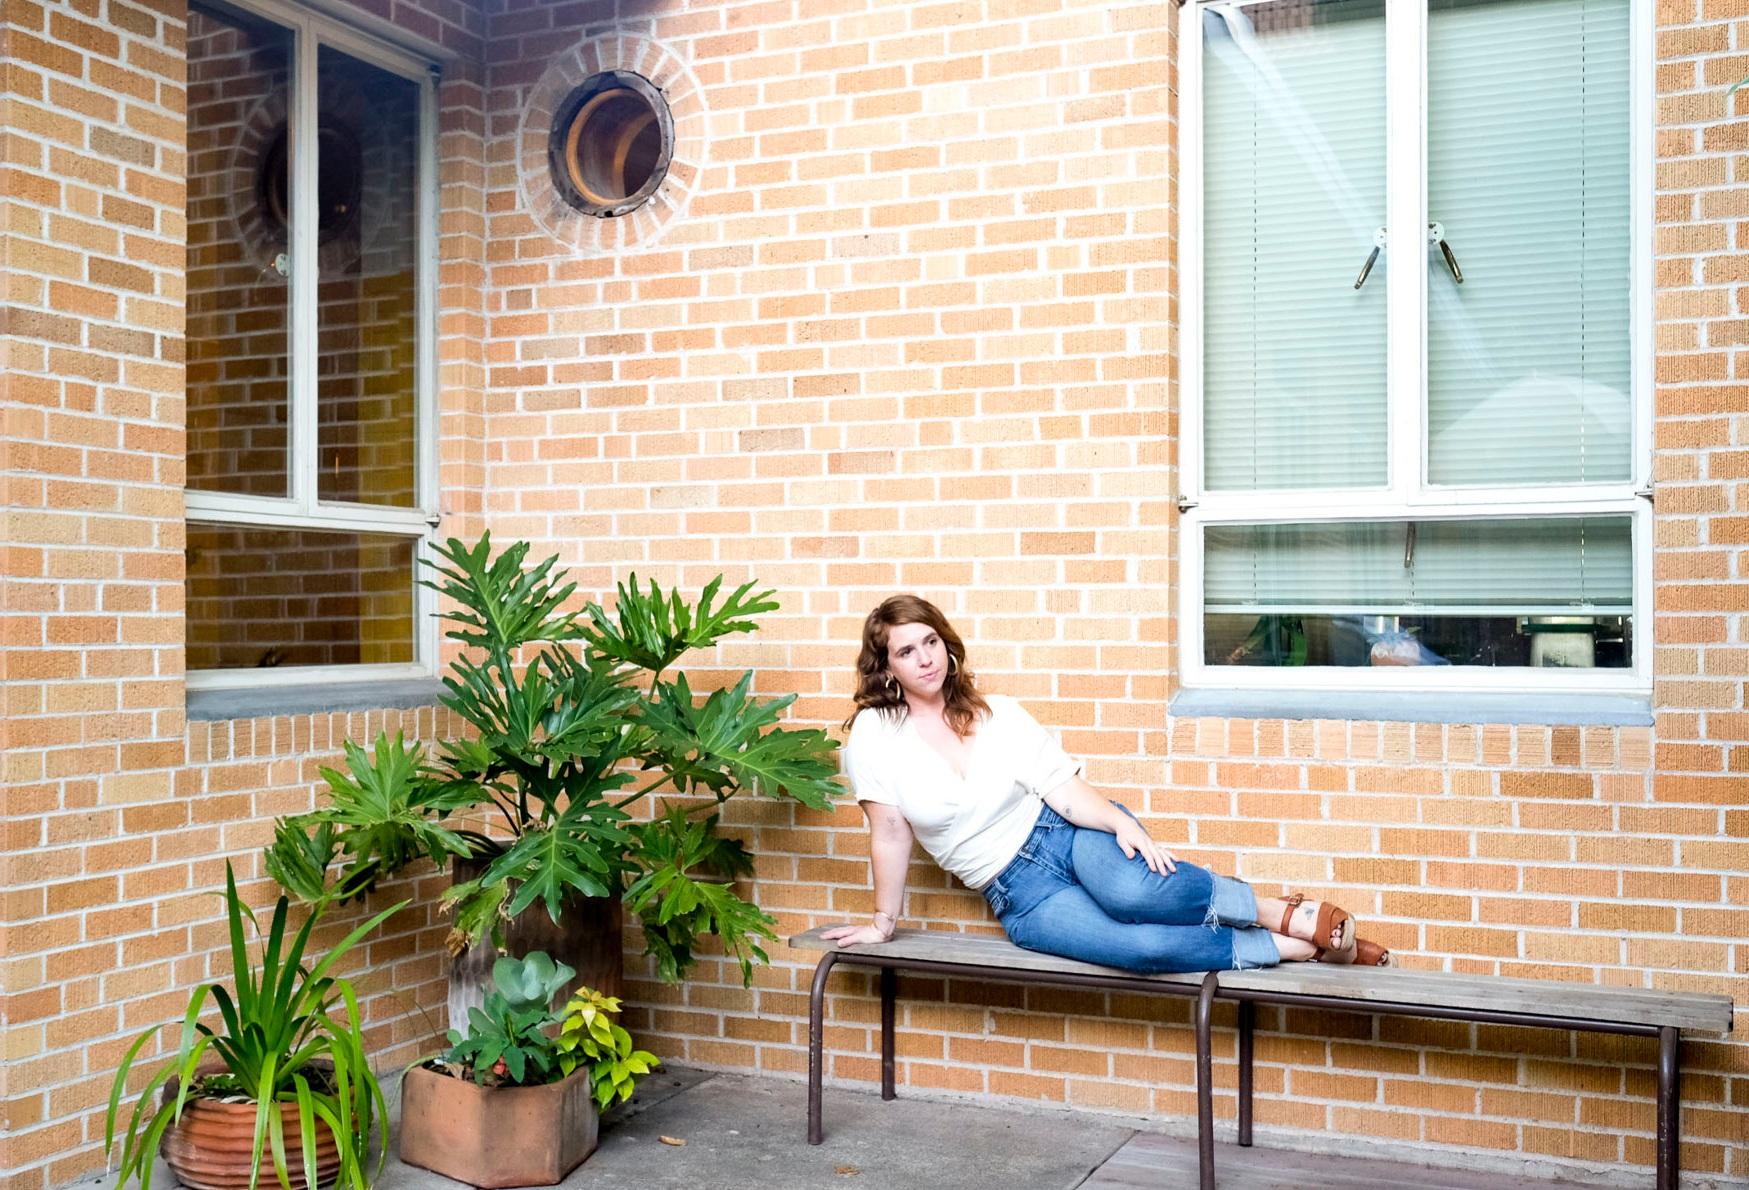 bailey-toksoz-photography-austin-texas-portrait-photographer-23.jpg